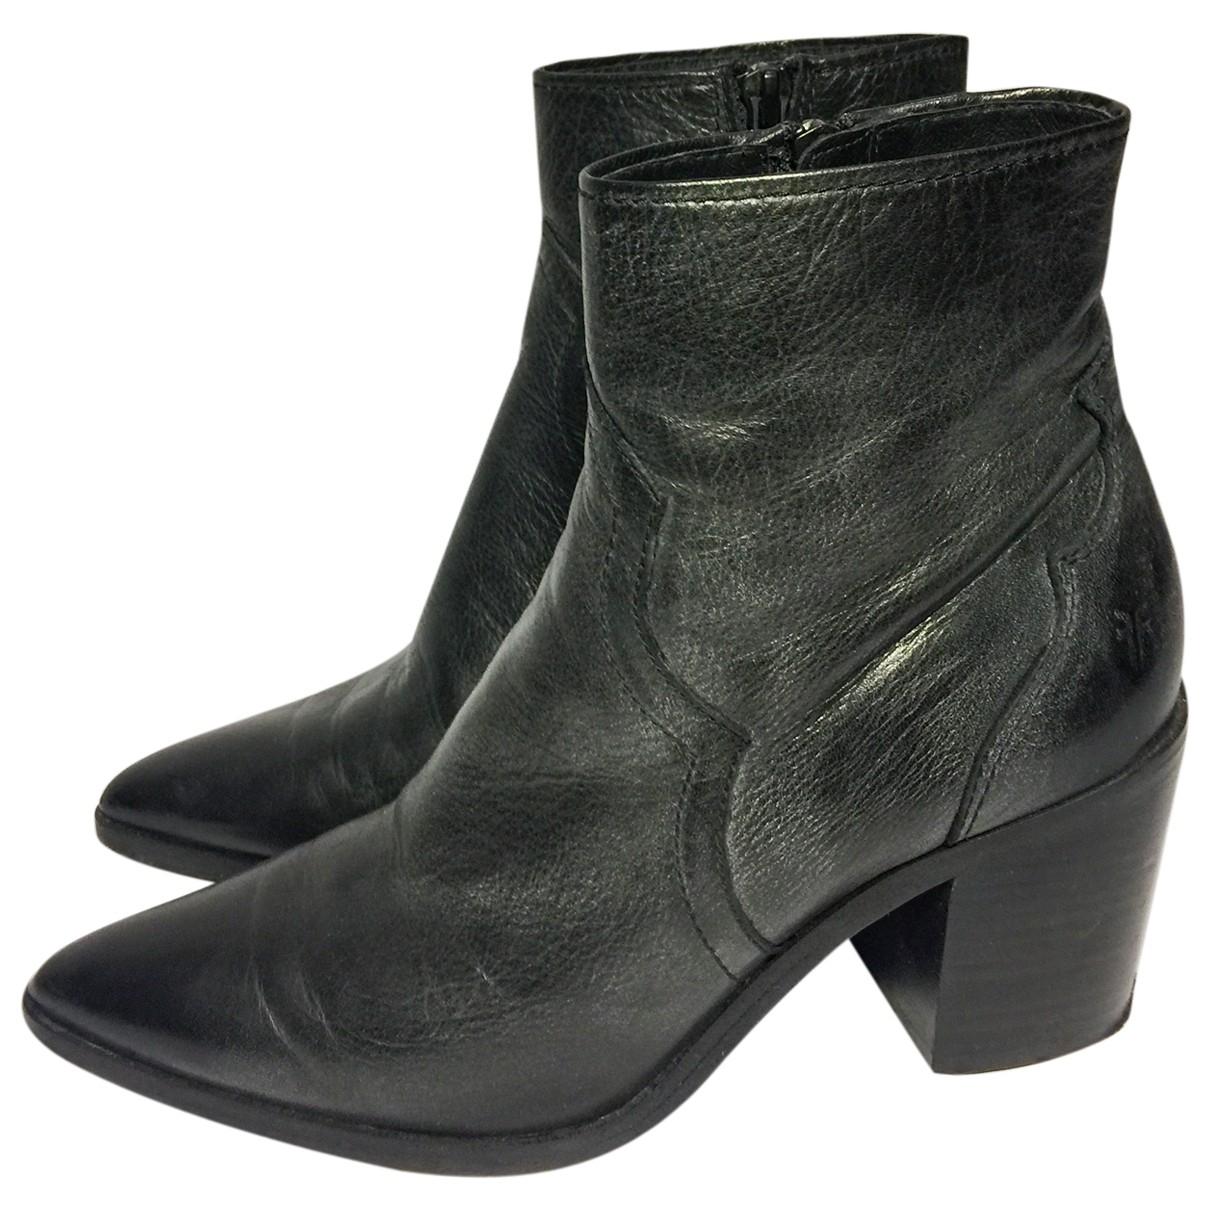 Frye - Boots   pour femme en cuir - noir